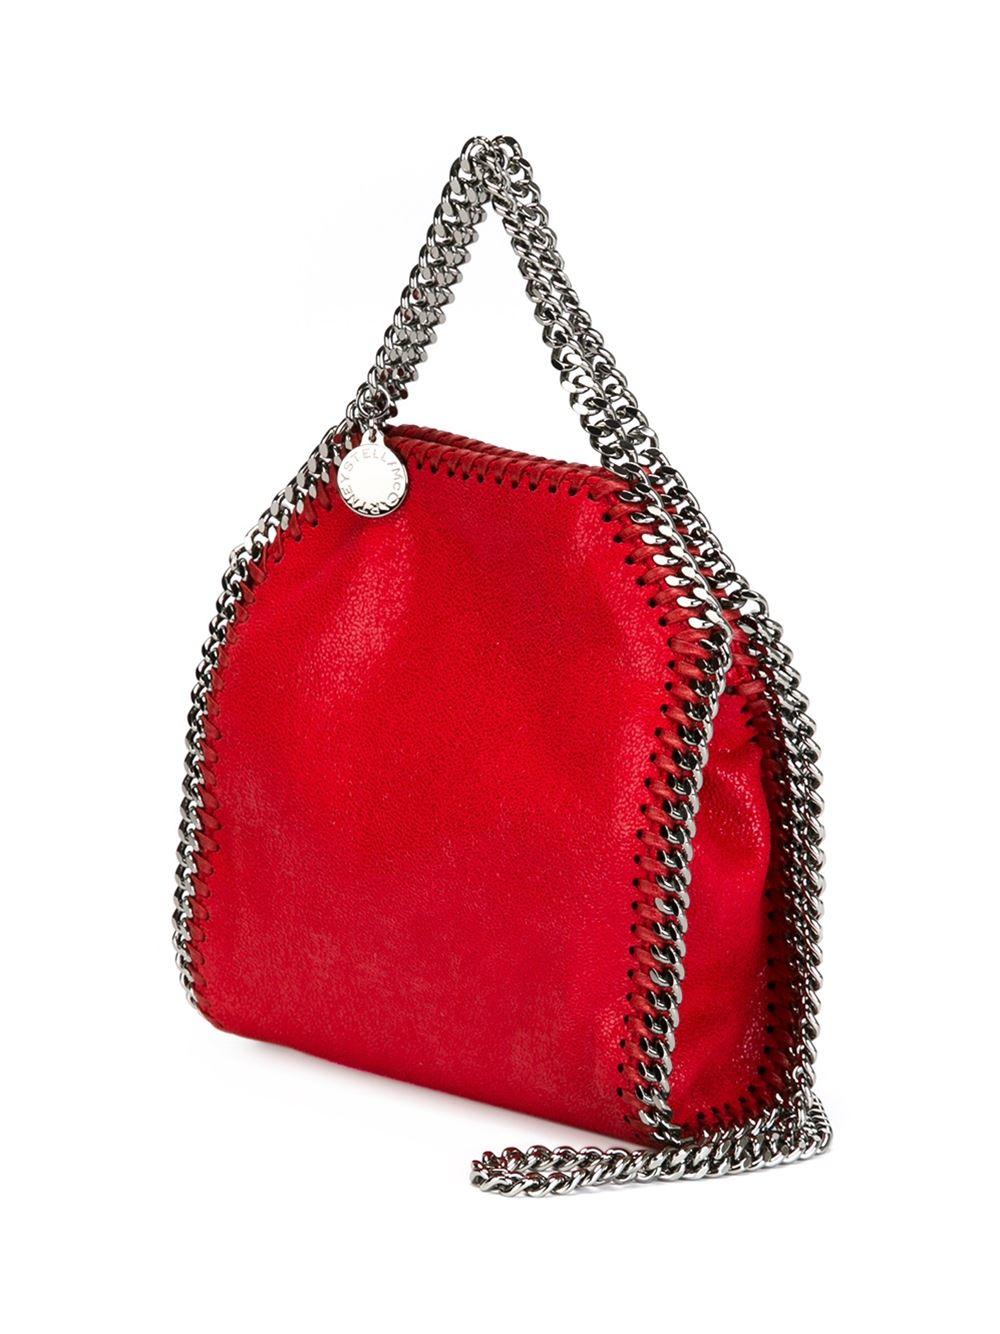 57c2c408da Stella Mccartney Falabella Bag Mini